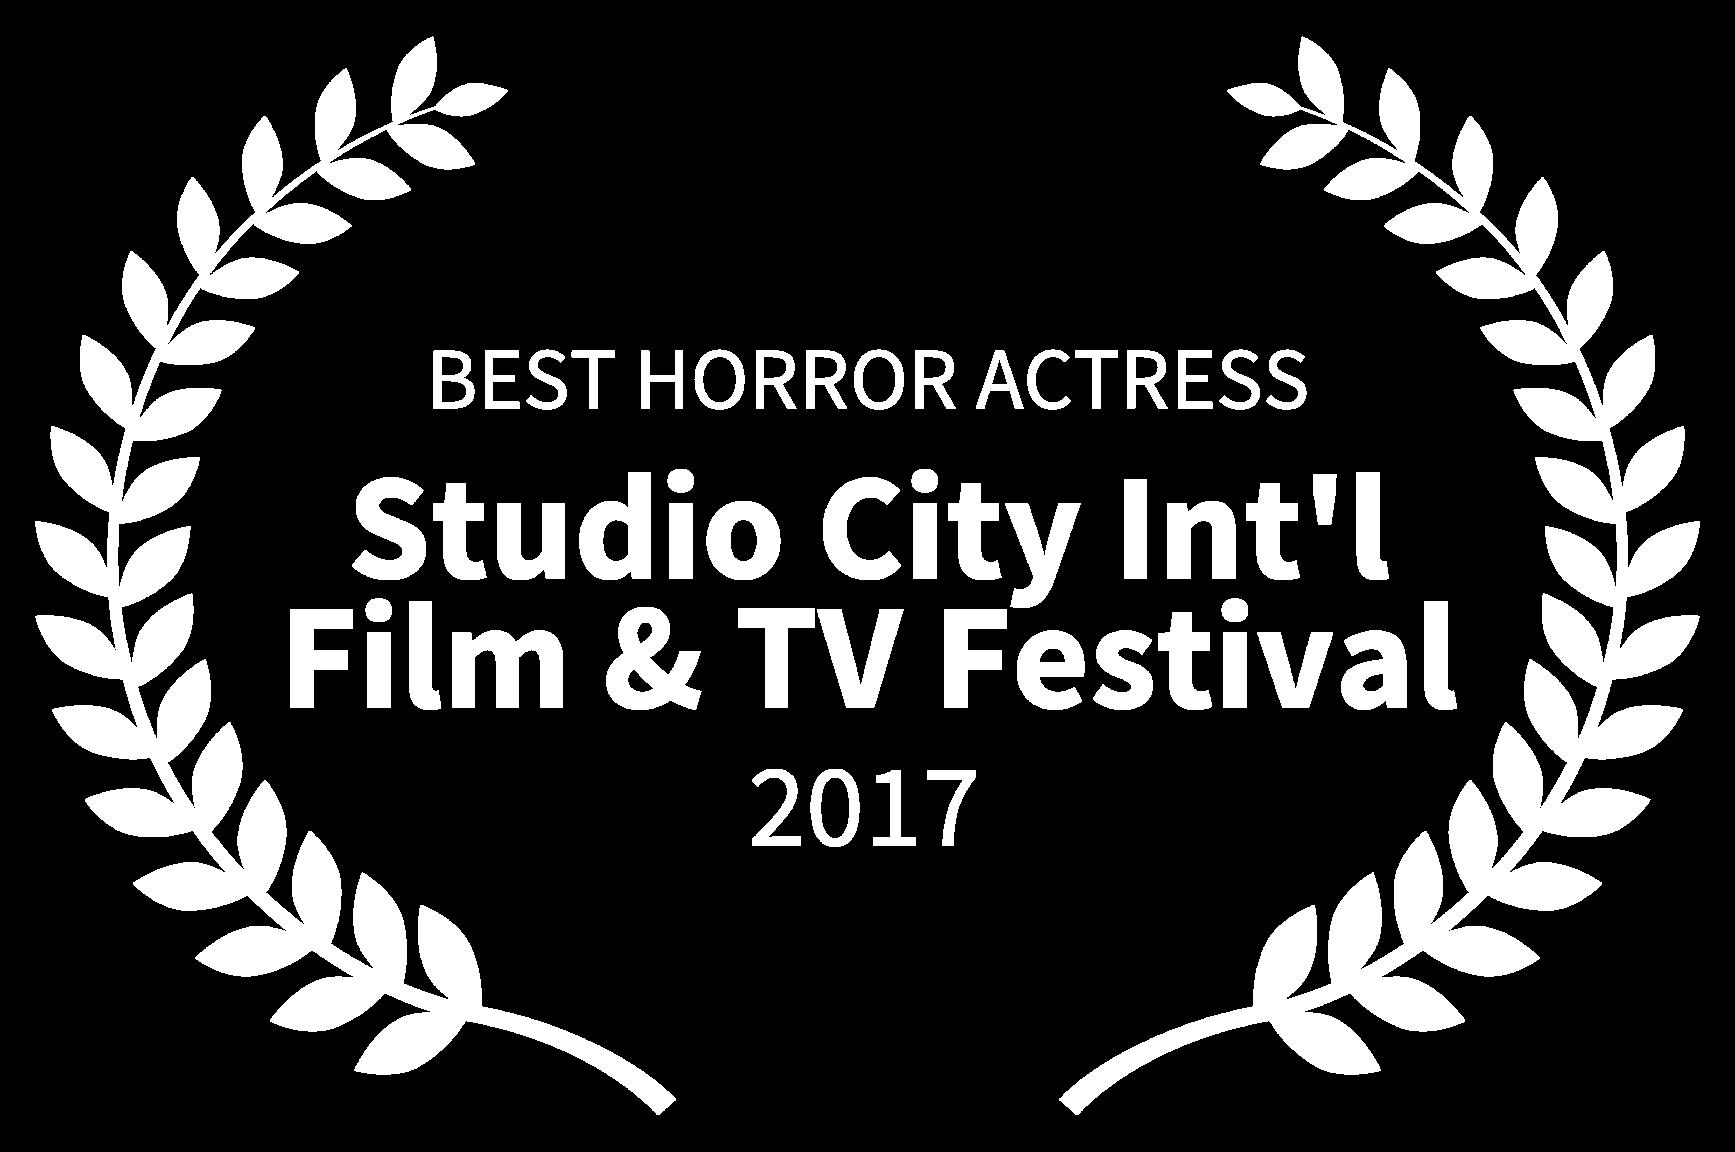 BEST HORROR ACTRESS - Studio City Intl Film  TV Festival - 2017(1).png